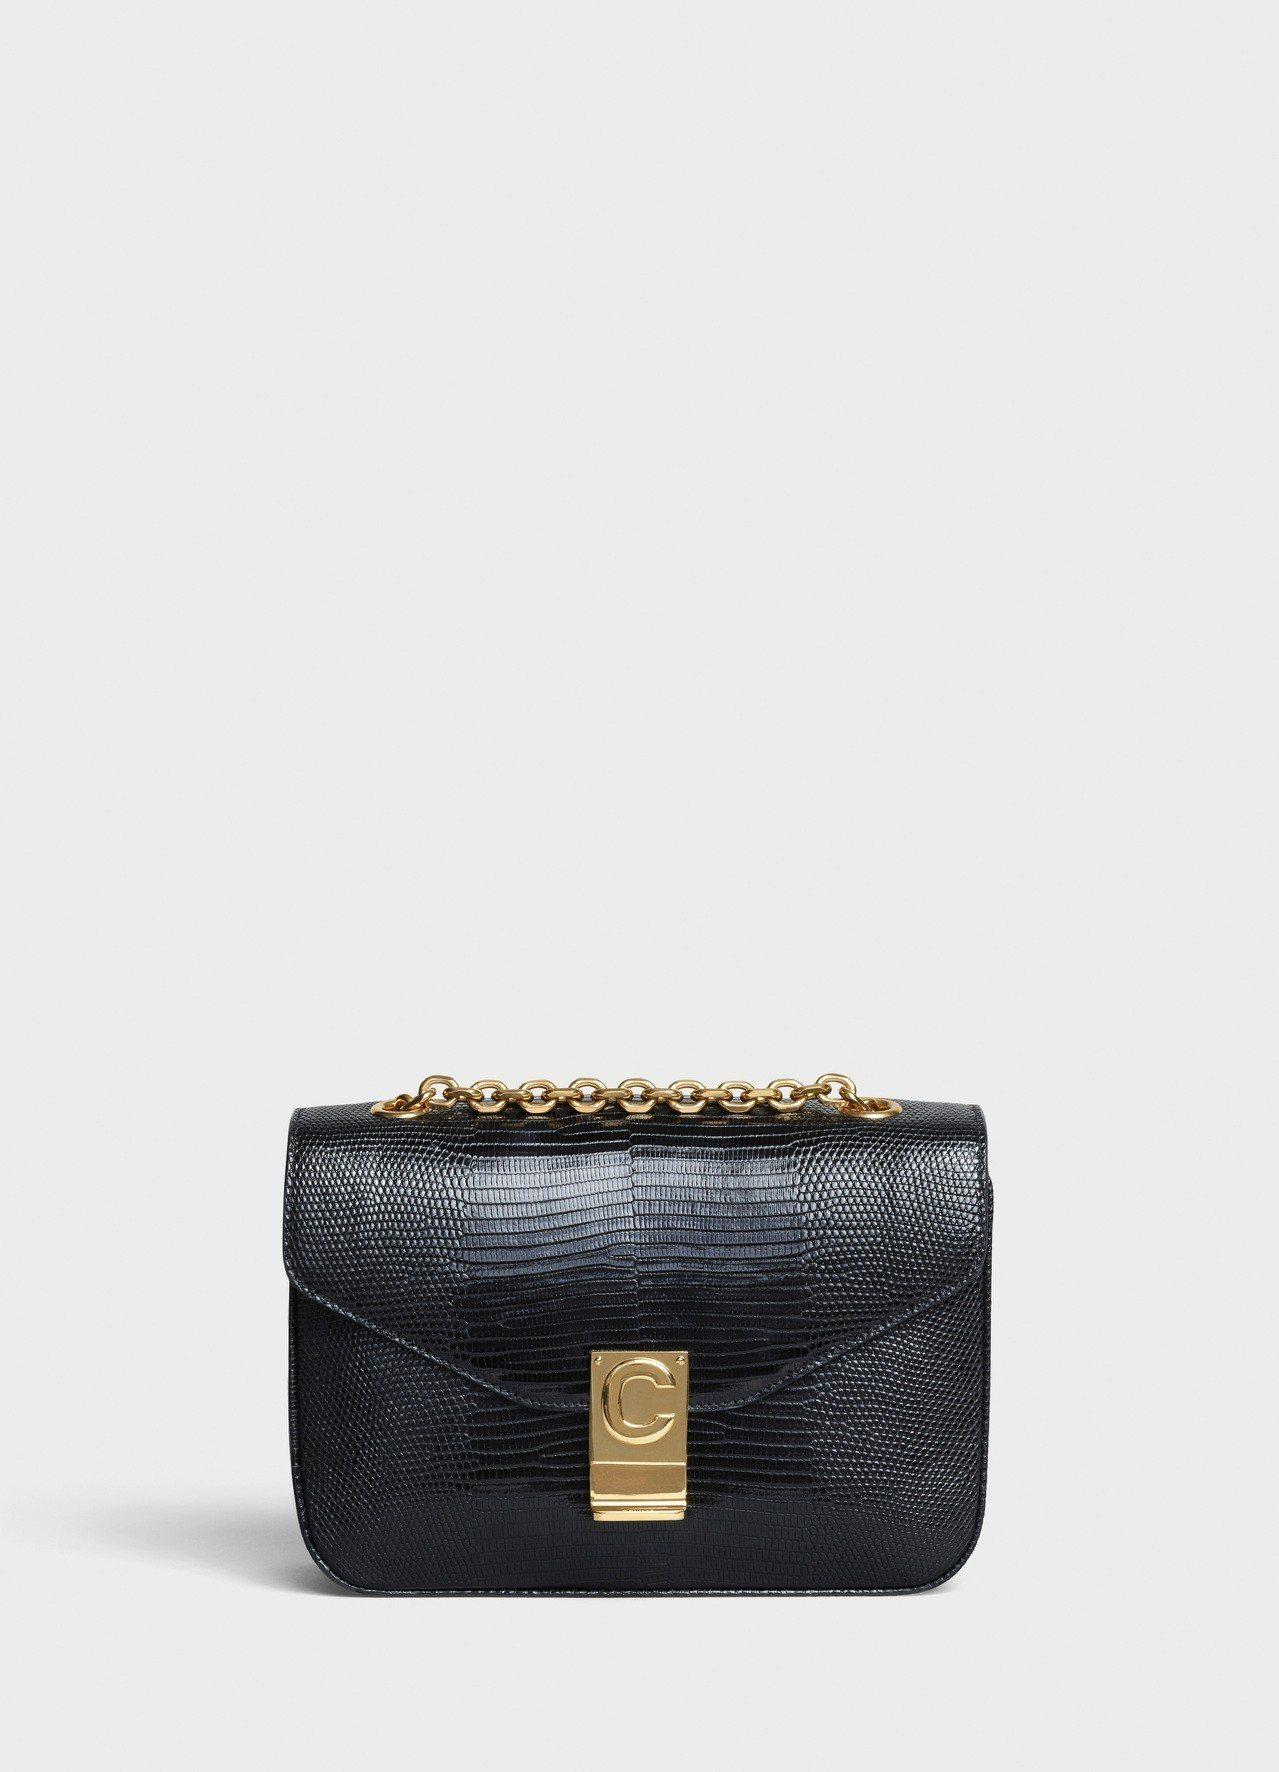 黝黑色蜥蜴皮中型鍊帶C Bag,售價22萬5,000元。圖/CELINE BY ...